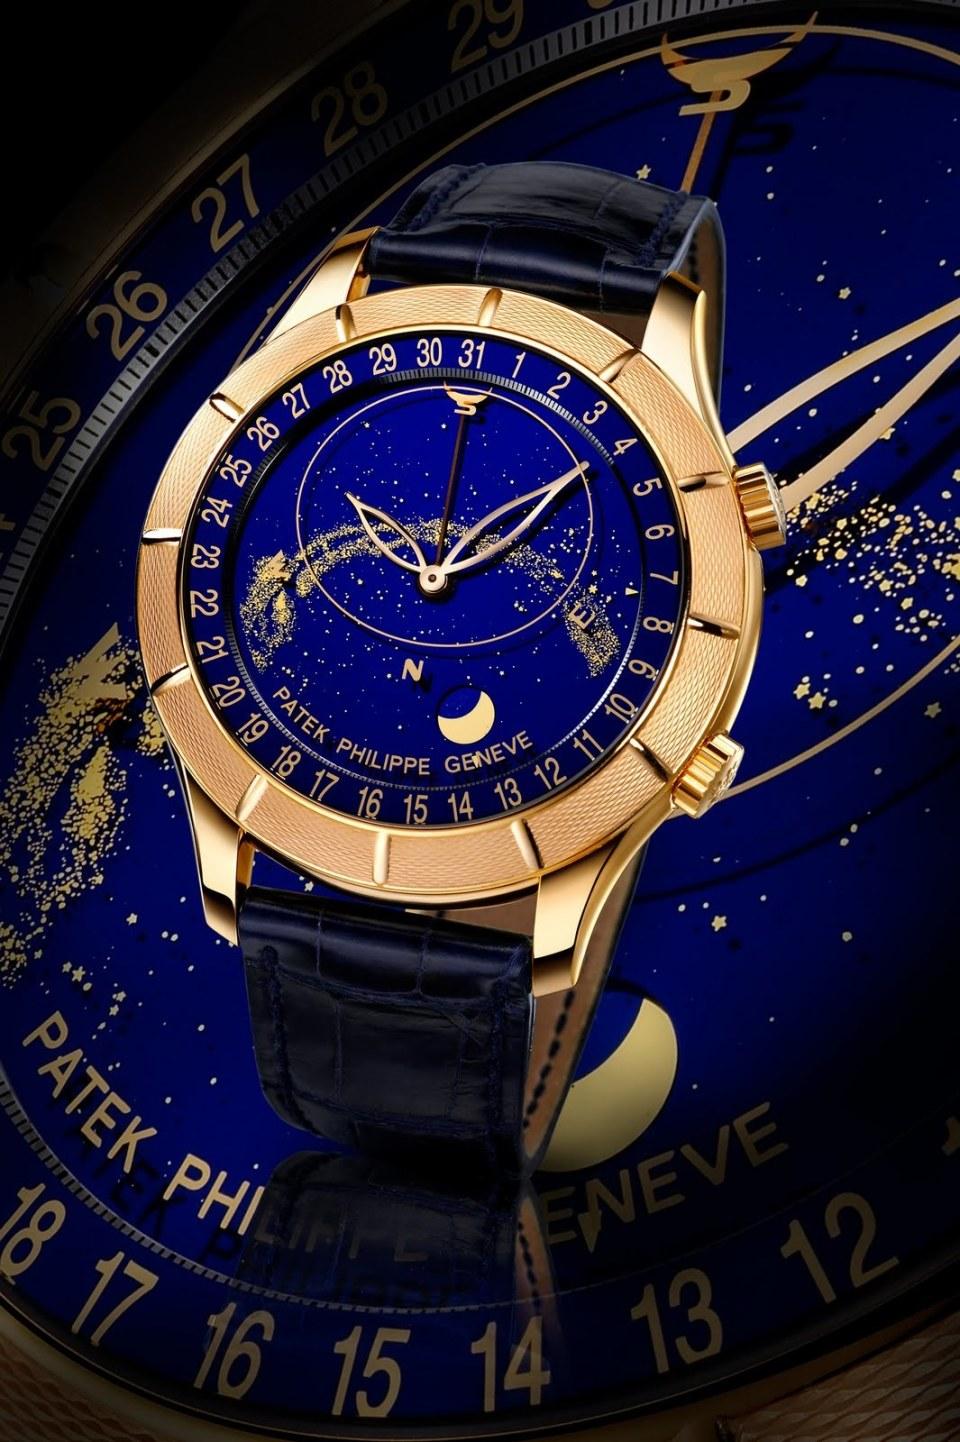 男なら誰もが羨む、洗練された5つの「デザイン腕時計」:珠玉のデザインが施された腕時計をご覧あれ 6番目の画像